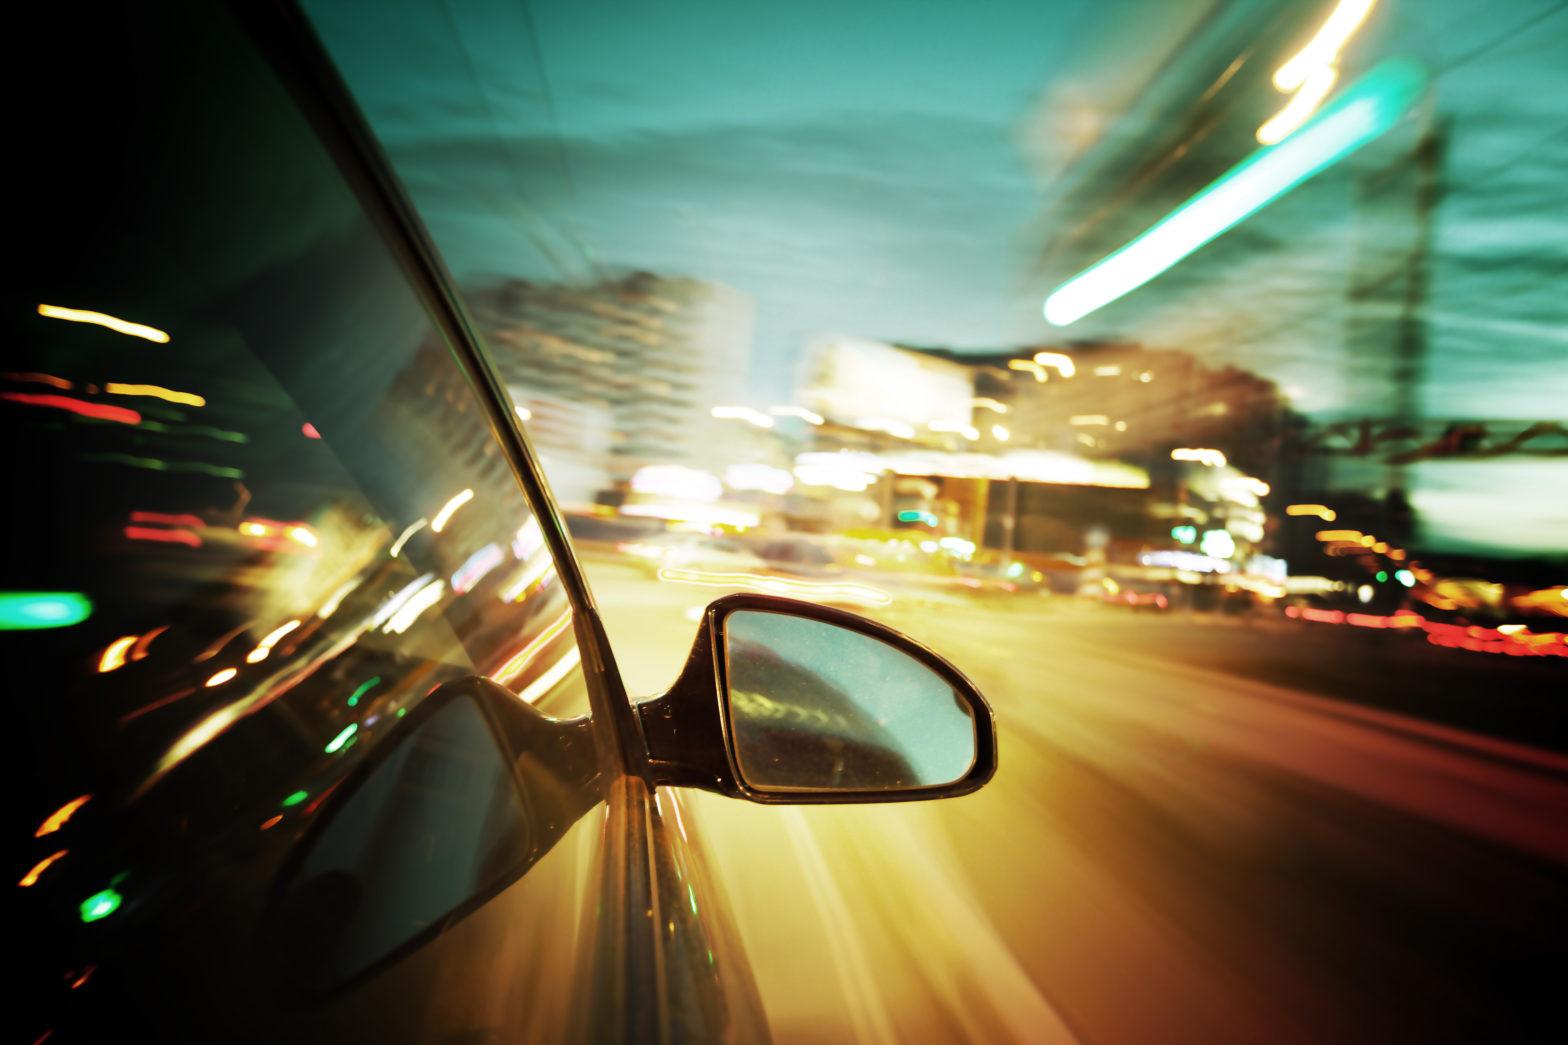 Fehlende Aufmerksamkeit kann leicht zu Unfällen führen.